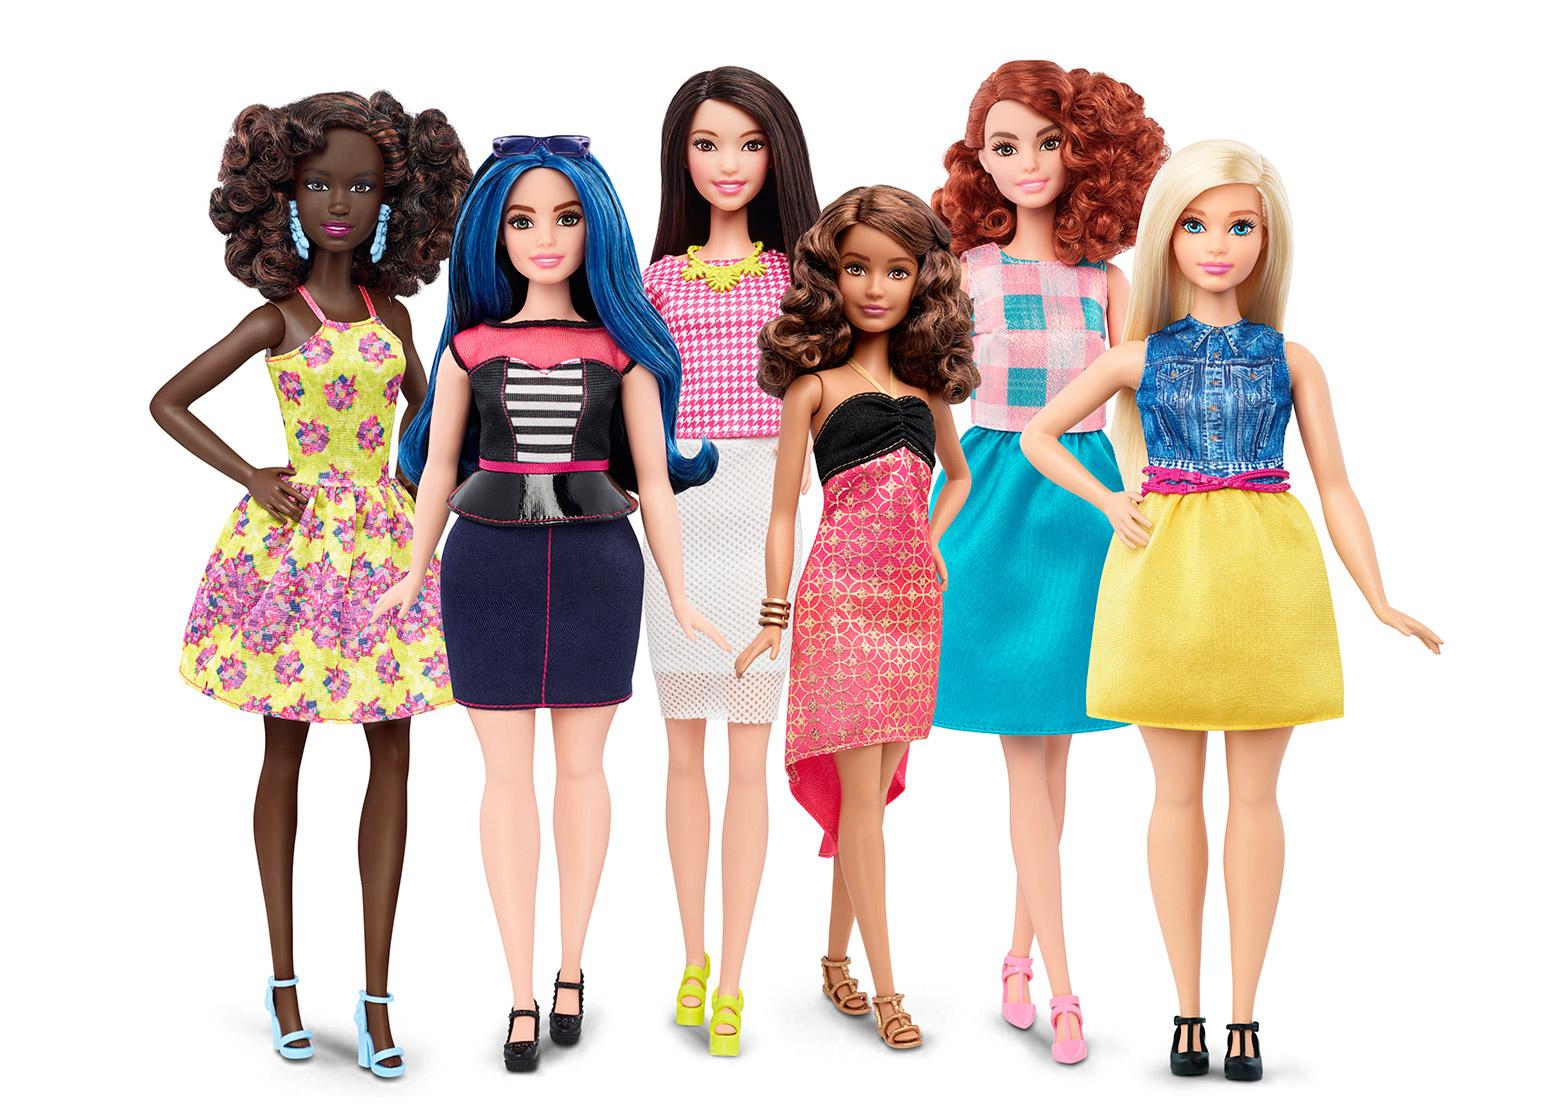 Myfacemood - Ragazze, non modelle o bambole!